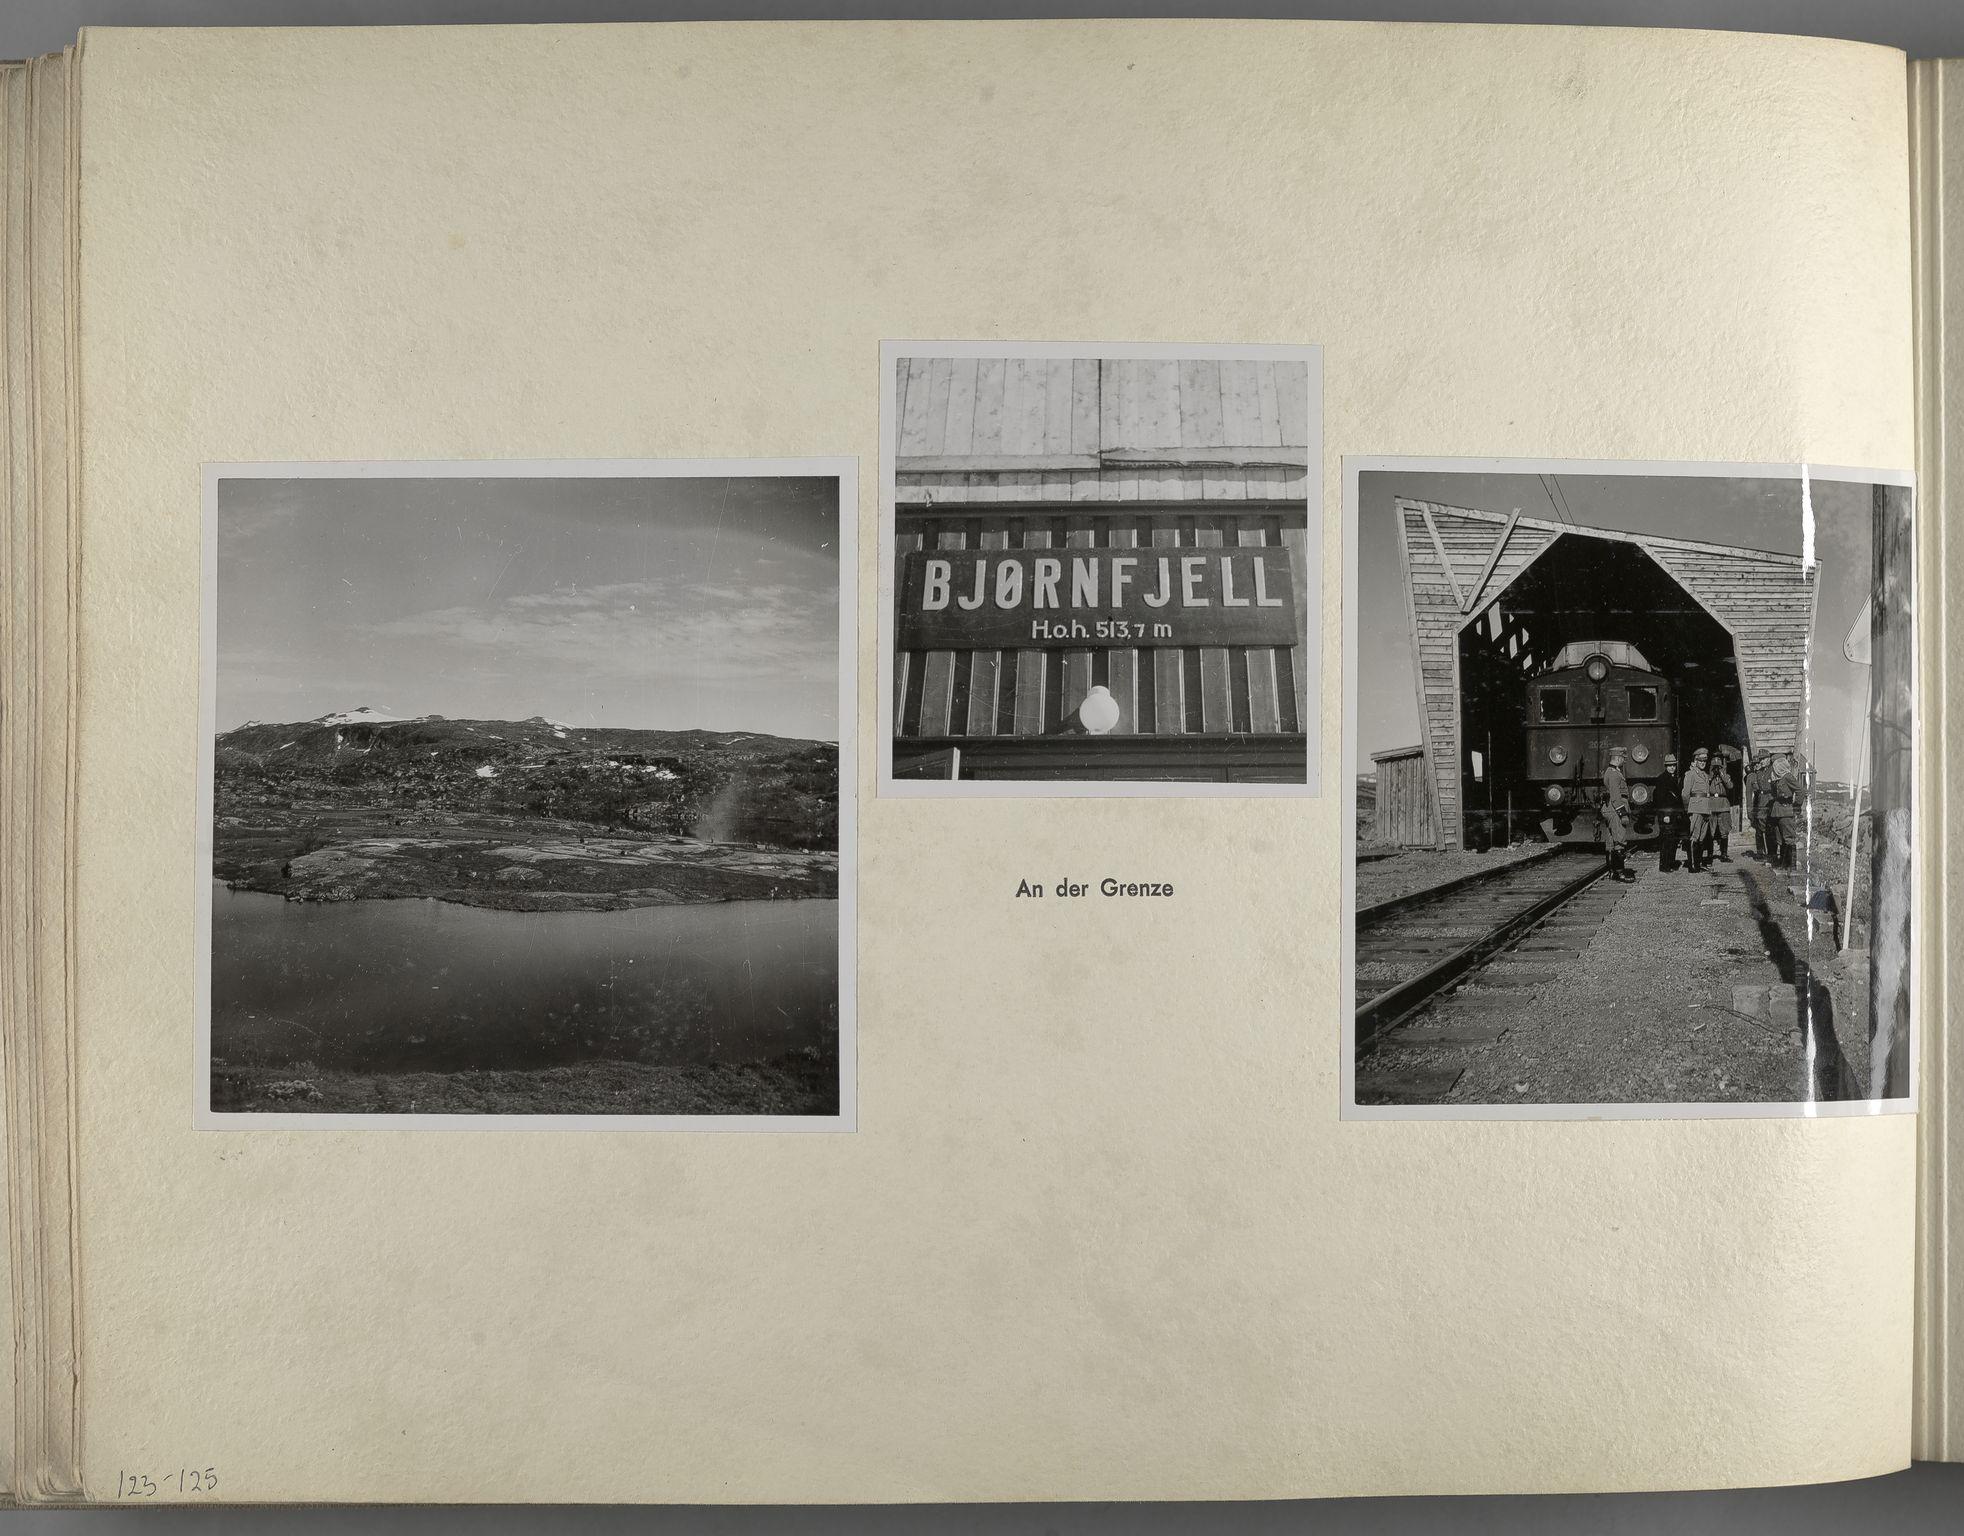 RA, Tyske arkiver, Reichskommissariat, Bildarchiv, U/L0071: Fotoalbum: Mit dem Reichskommissar nach Nordnorwegen und Finnland 10. bis 27. Juli 1942, 1942, s. 50